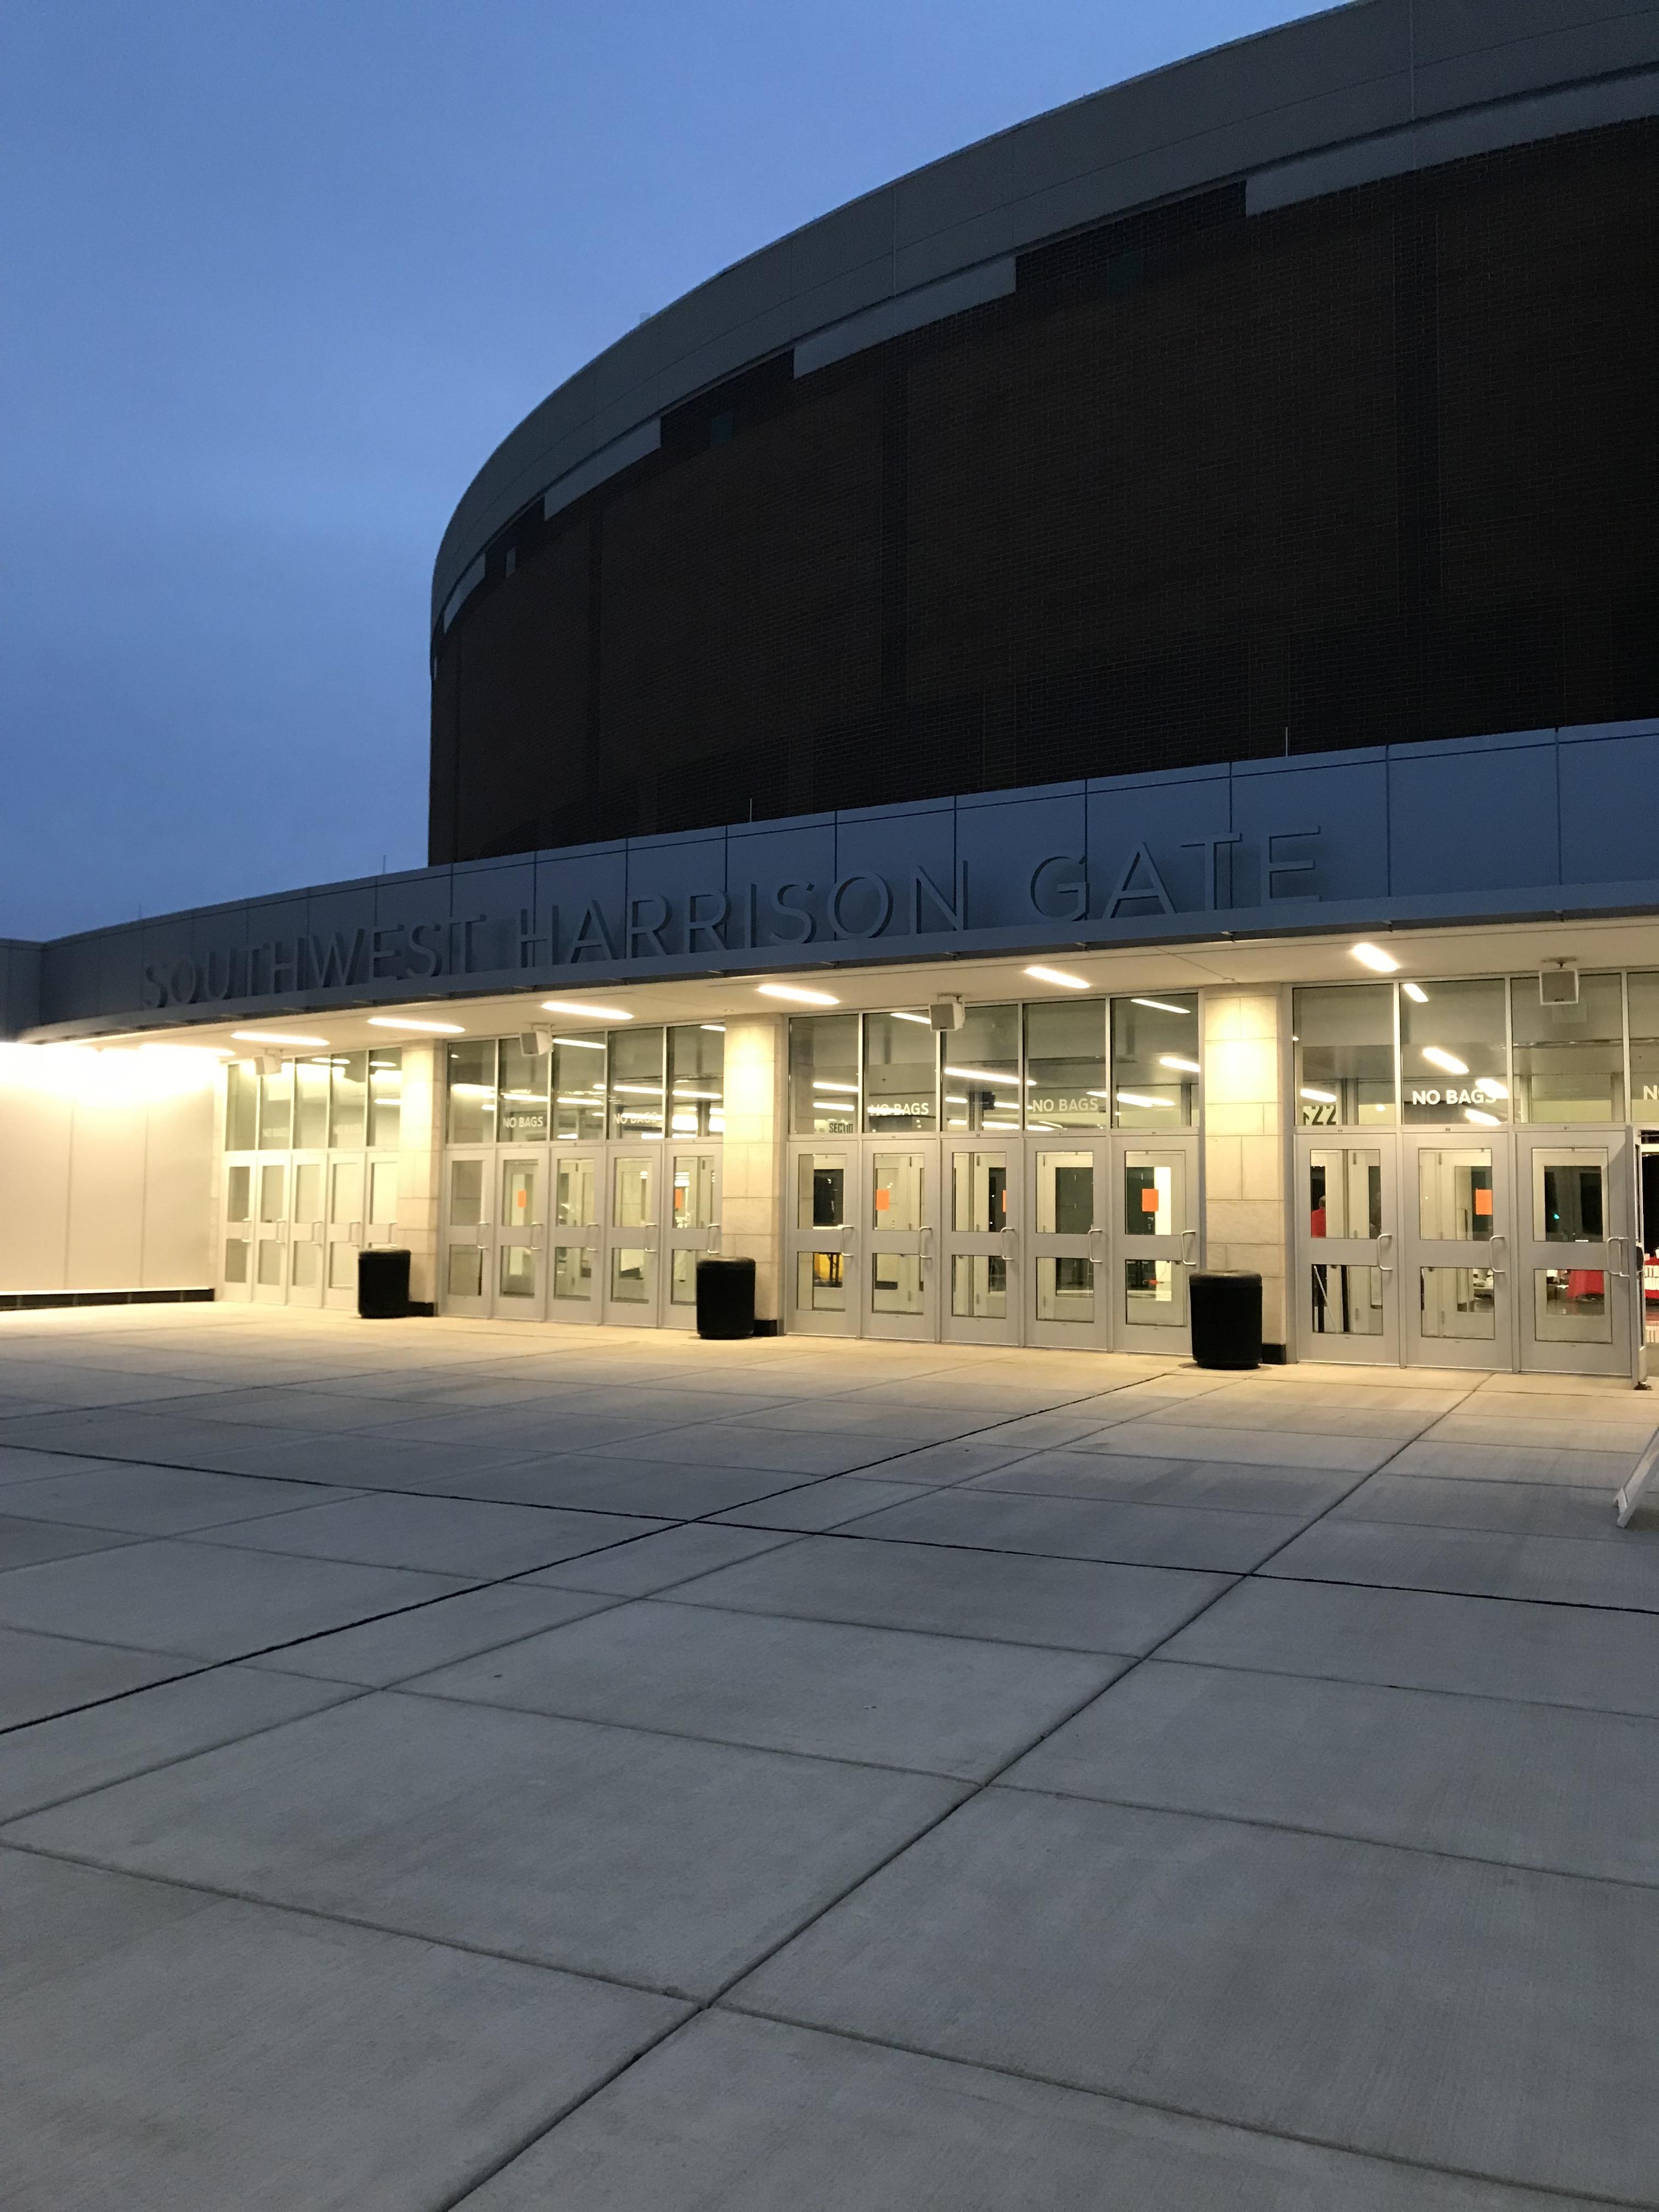 Breslin Center at daybreak